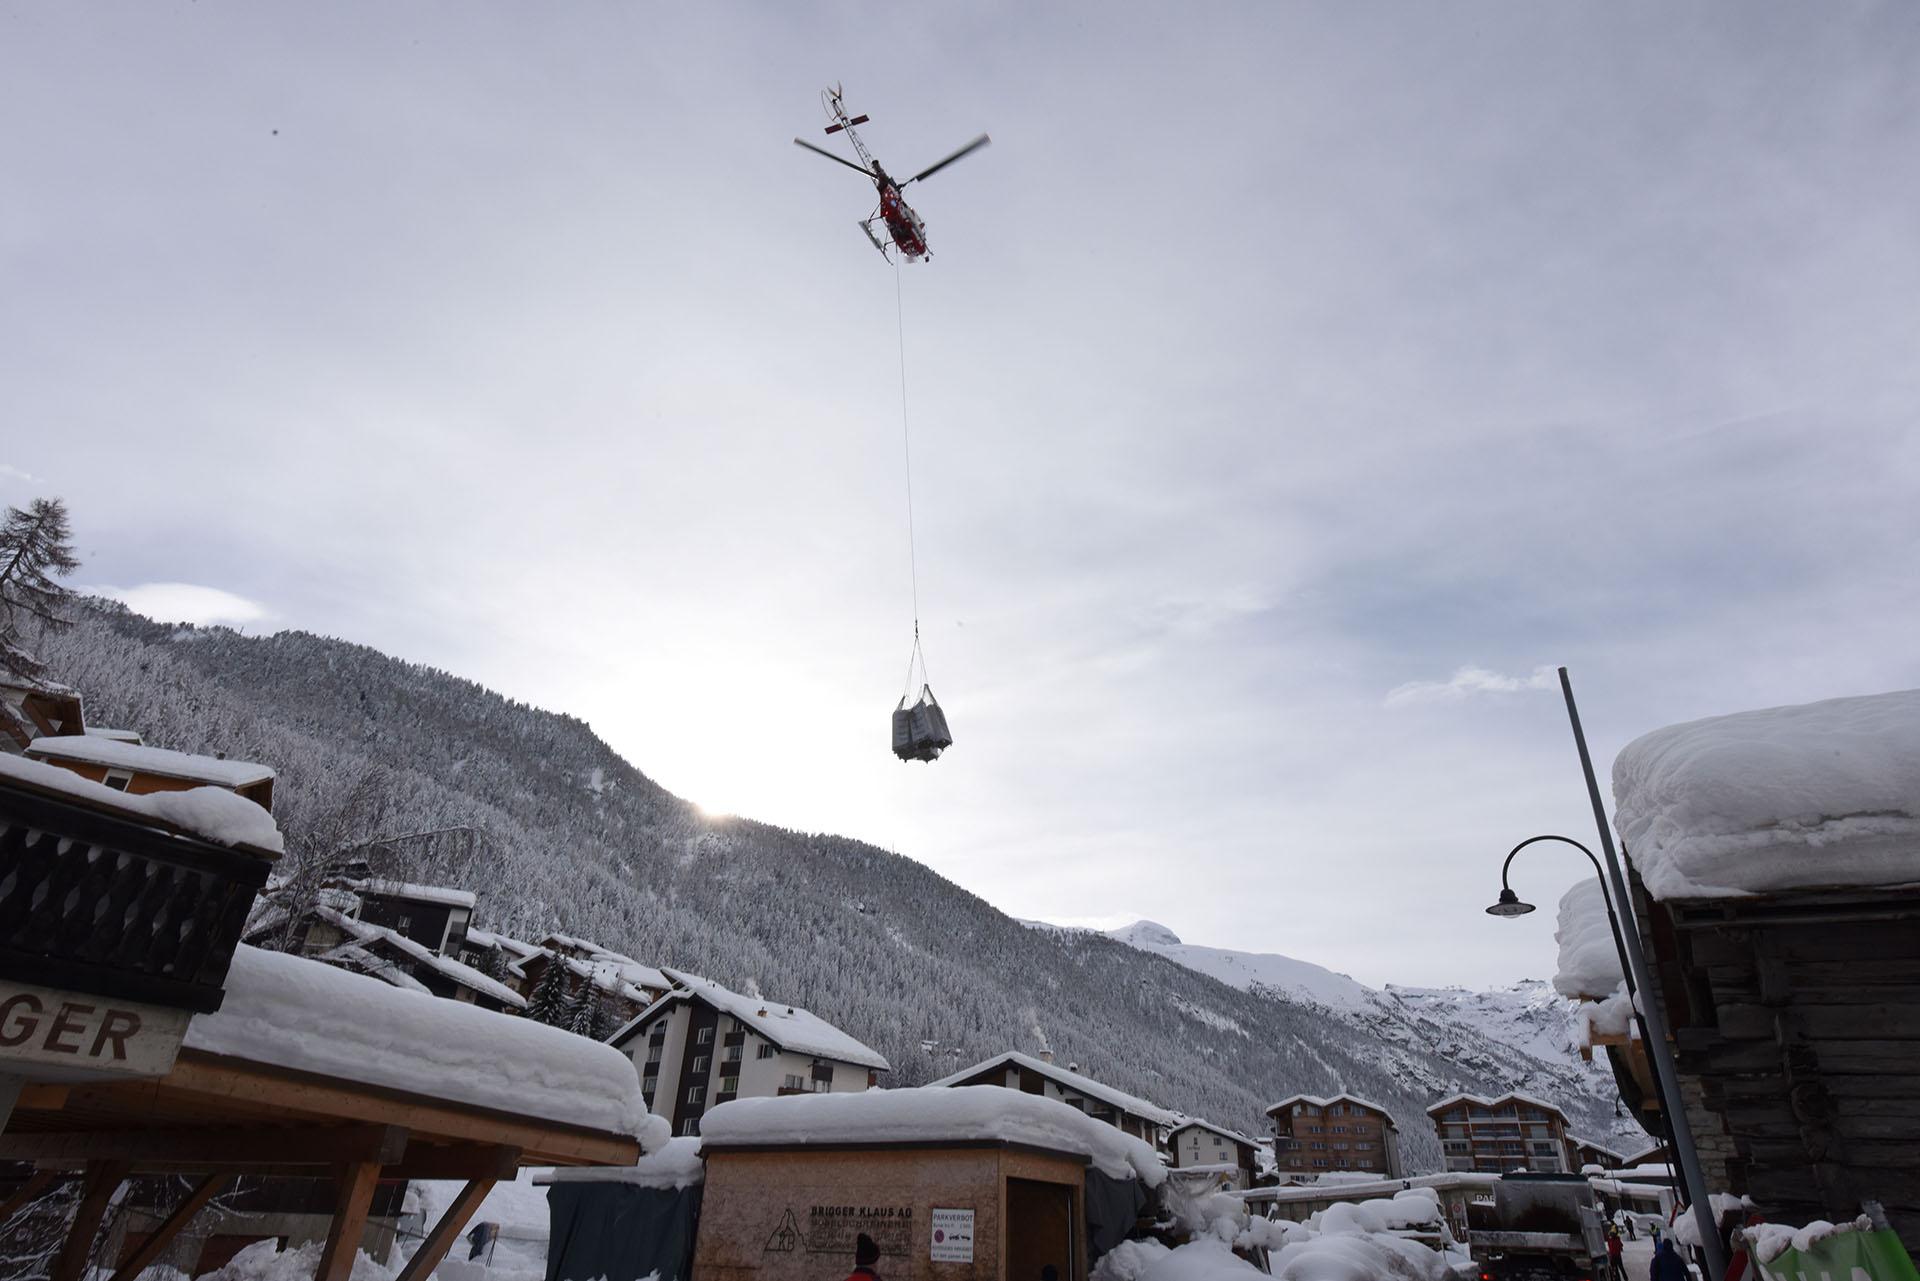 La única vía de salida que tenían los turistas eran los helicópteros de emergencia que proporcionó Air Zermatt(AFP)